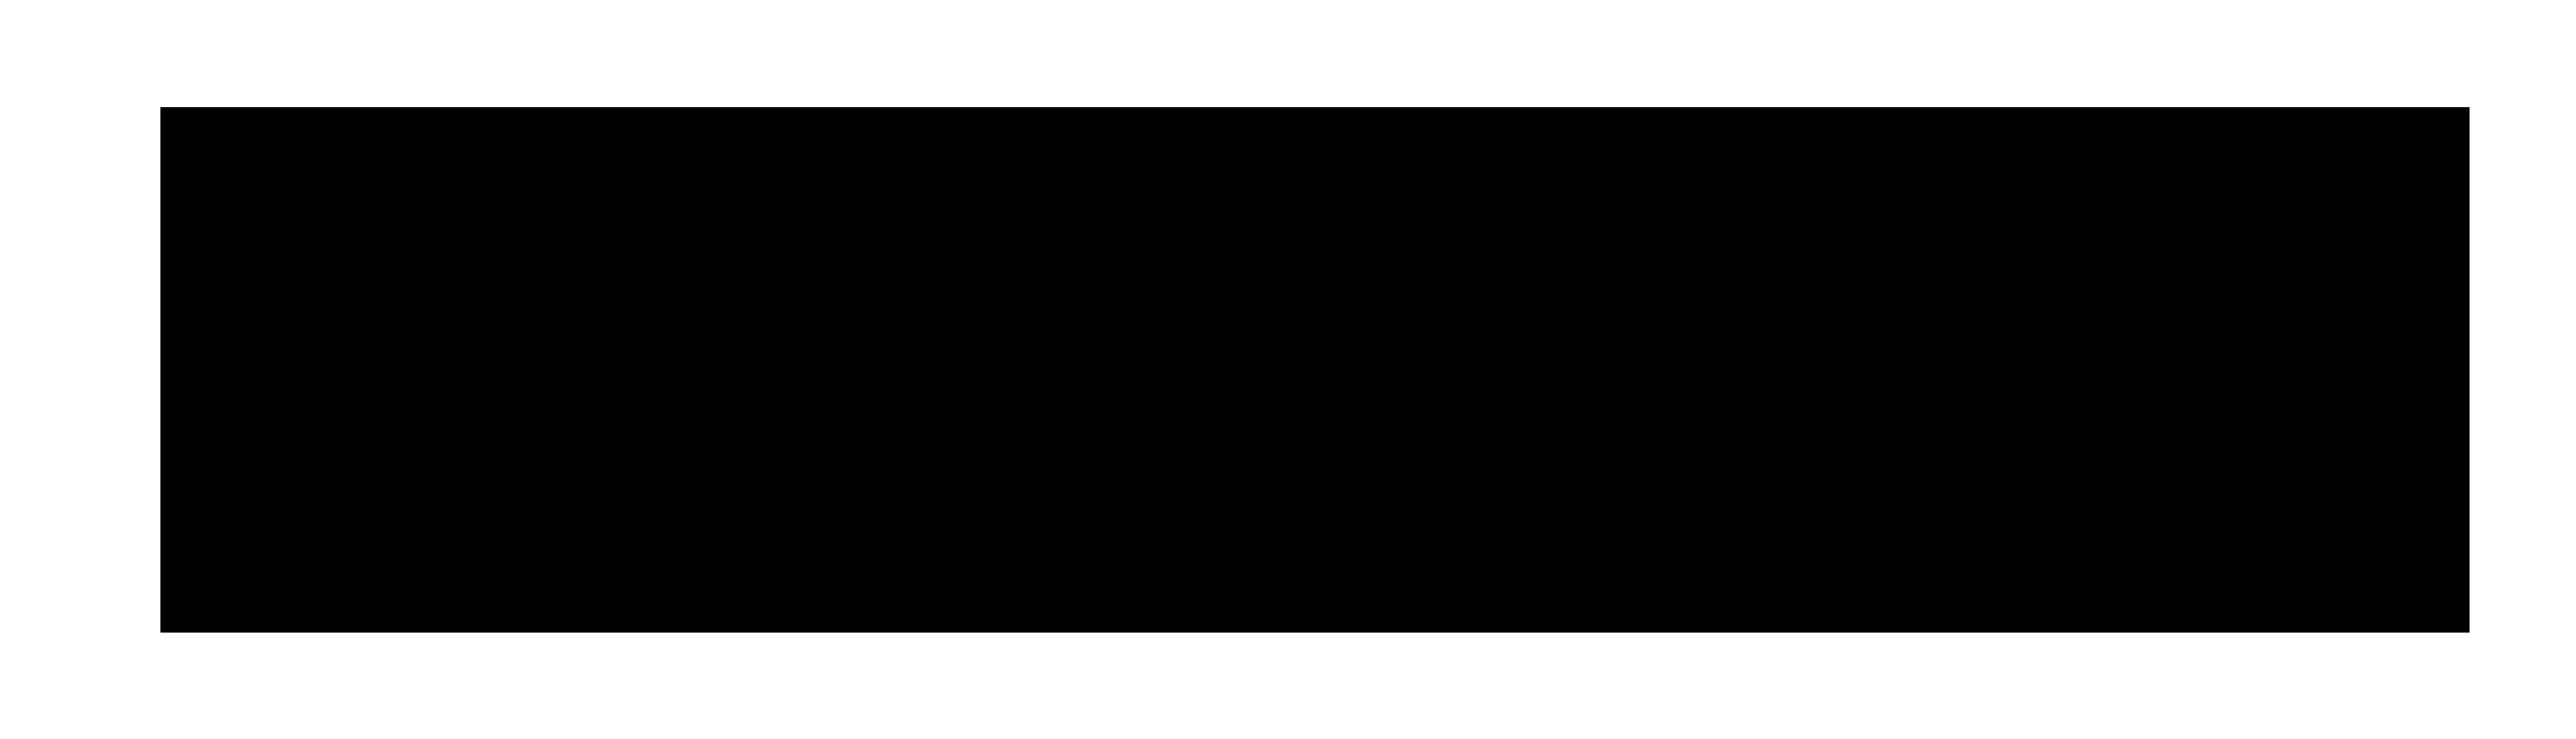 Eidsfjord_sjøfarm_farge